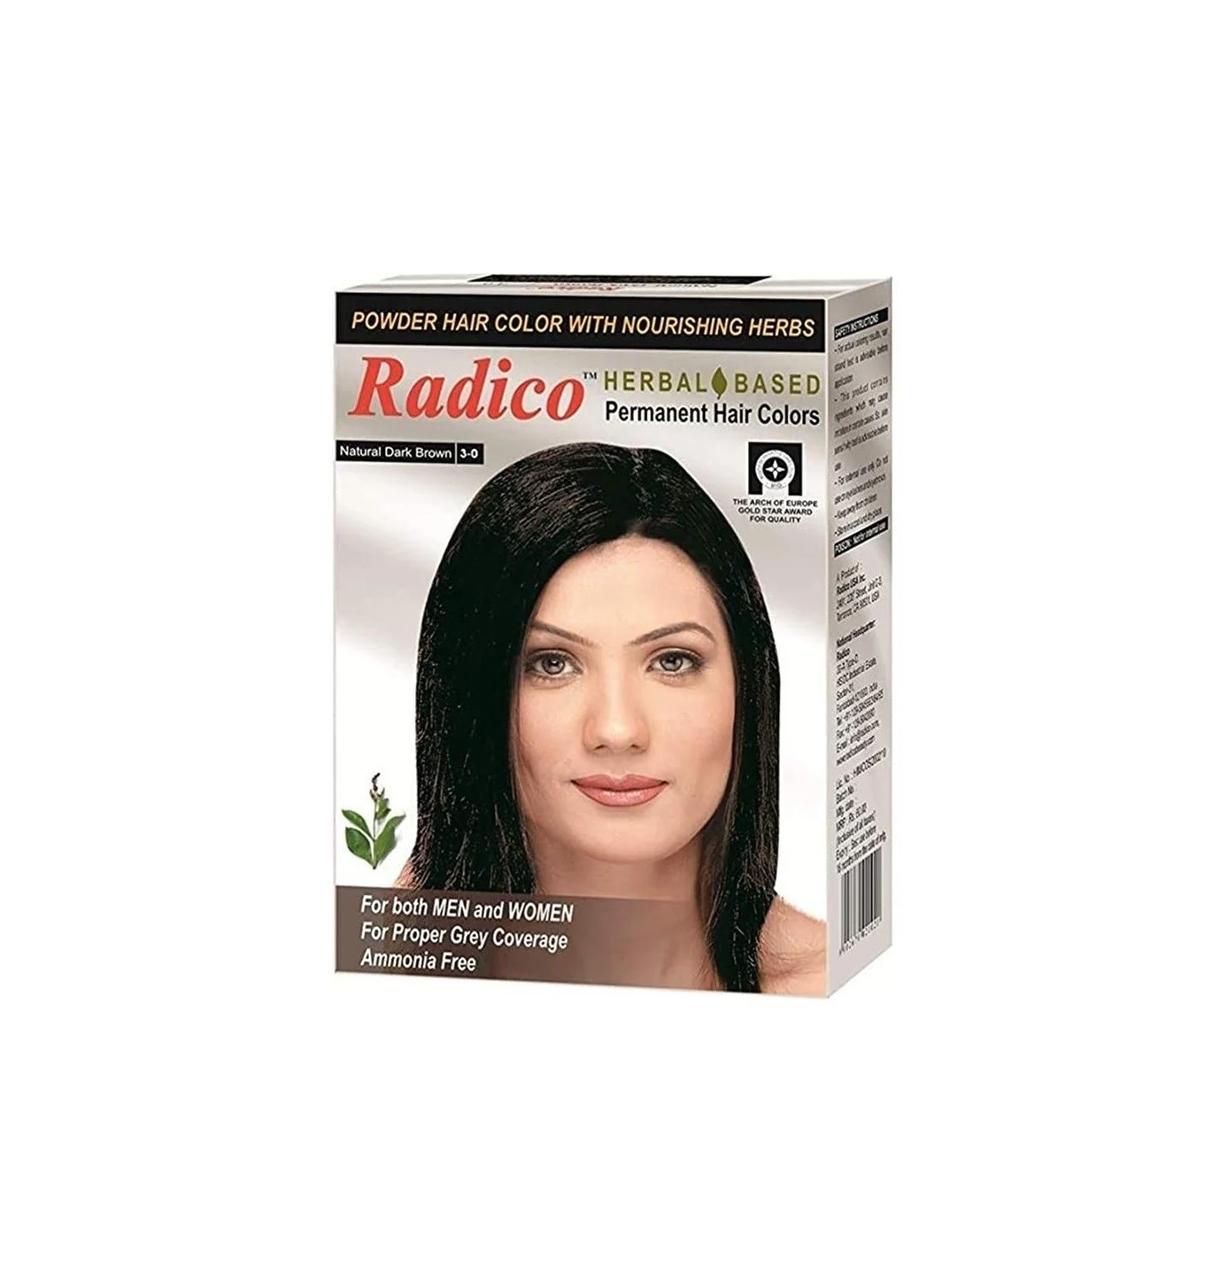 Краска для волос Radico темно-коричневого цвета - фото 1